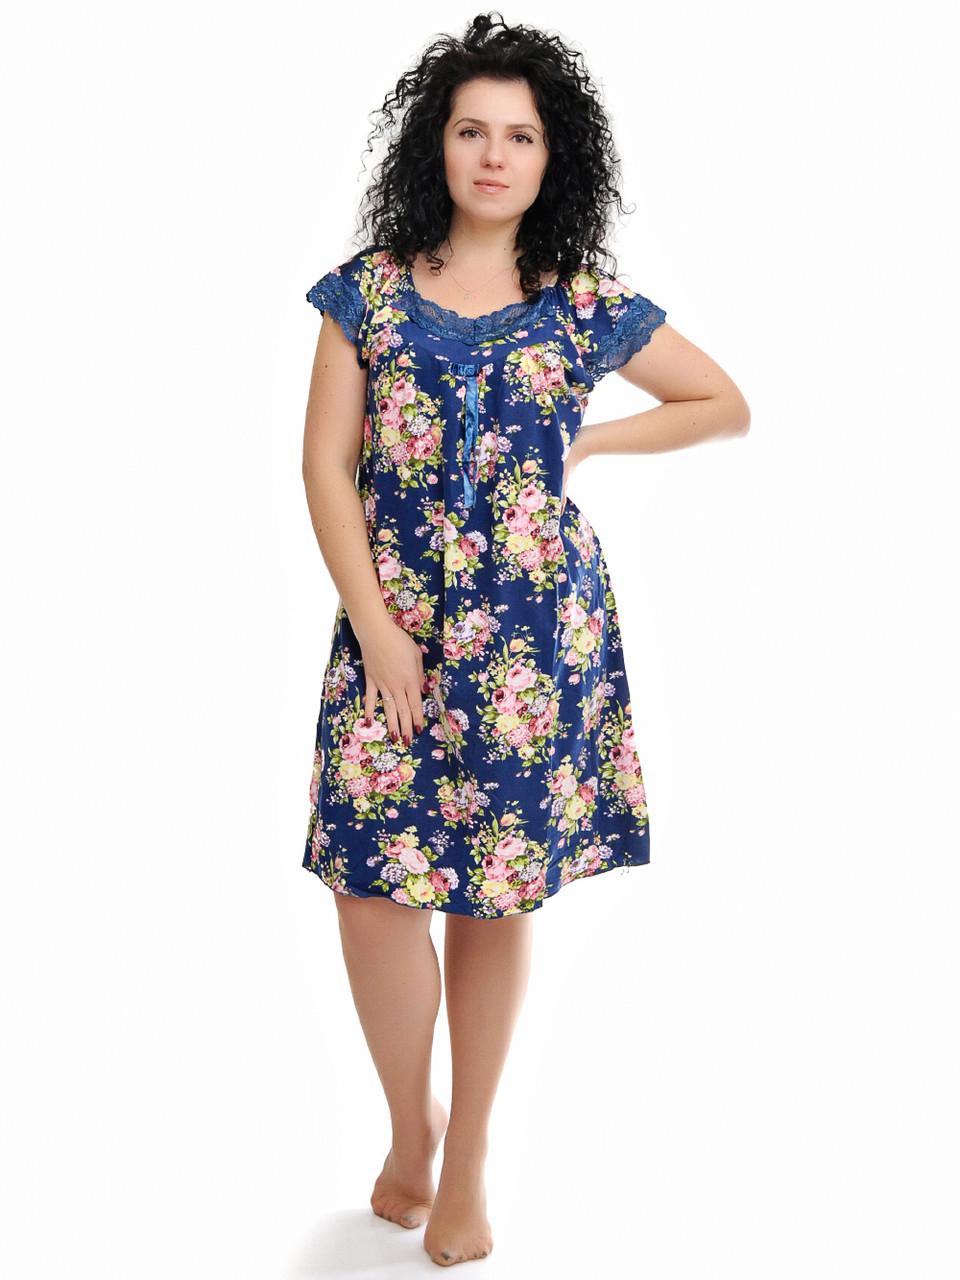 Женская ночная сорочка синяя с цветами